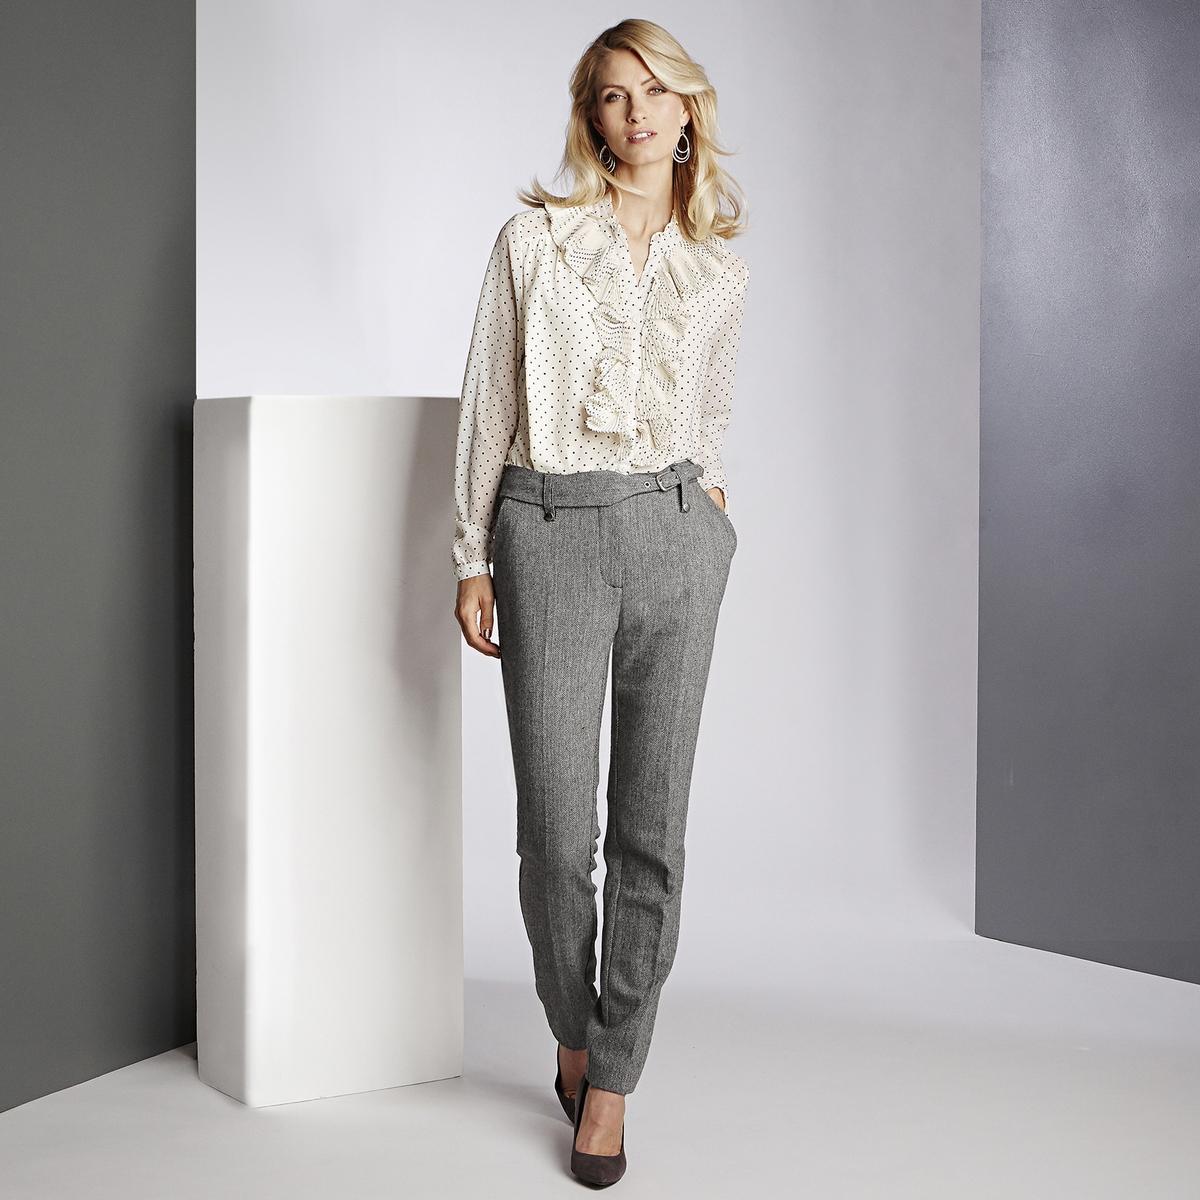 Imagen secundaria de producto de Pantalón recto de tweed, cinturón fantasía - Anne weyburn